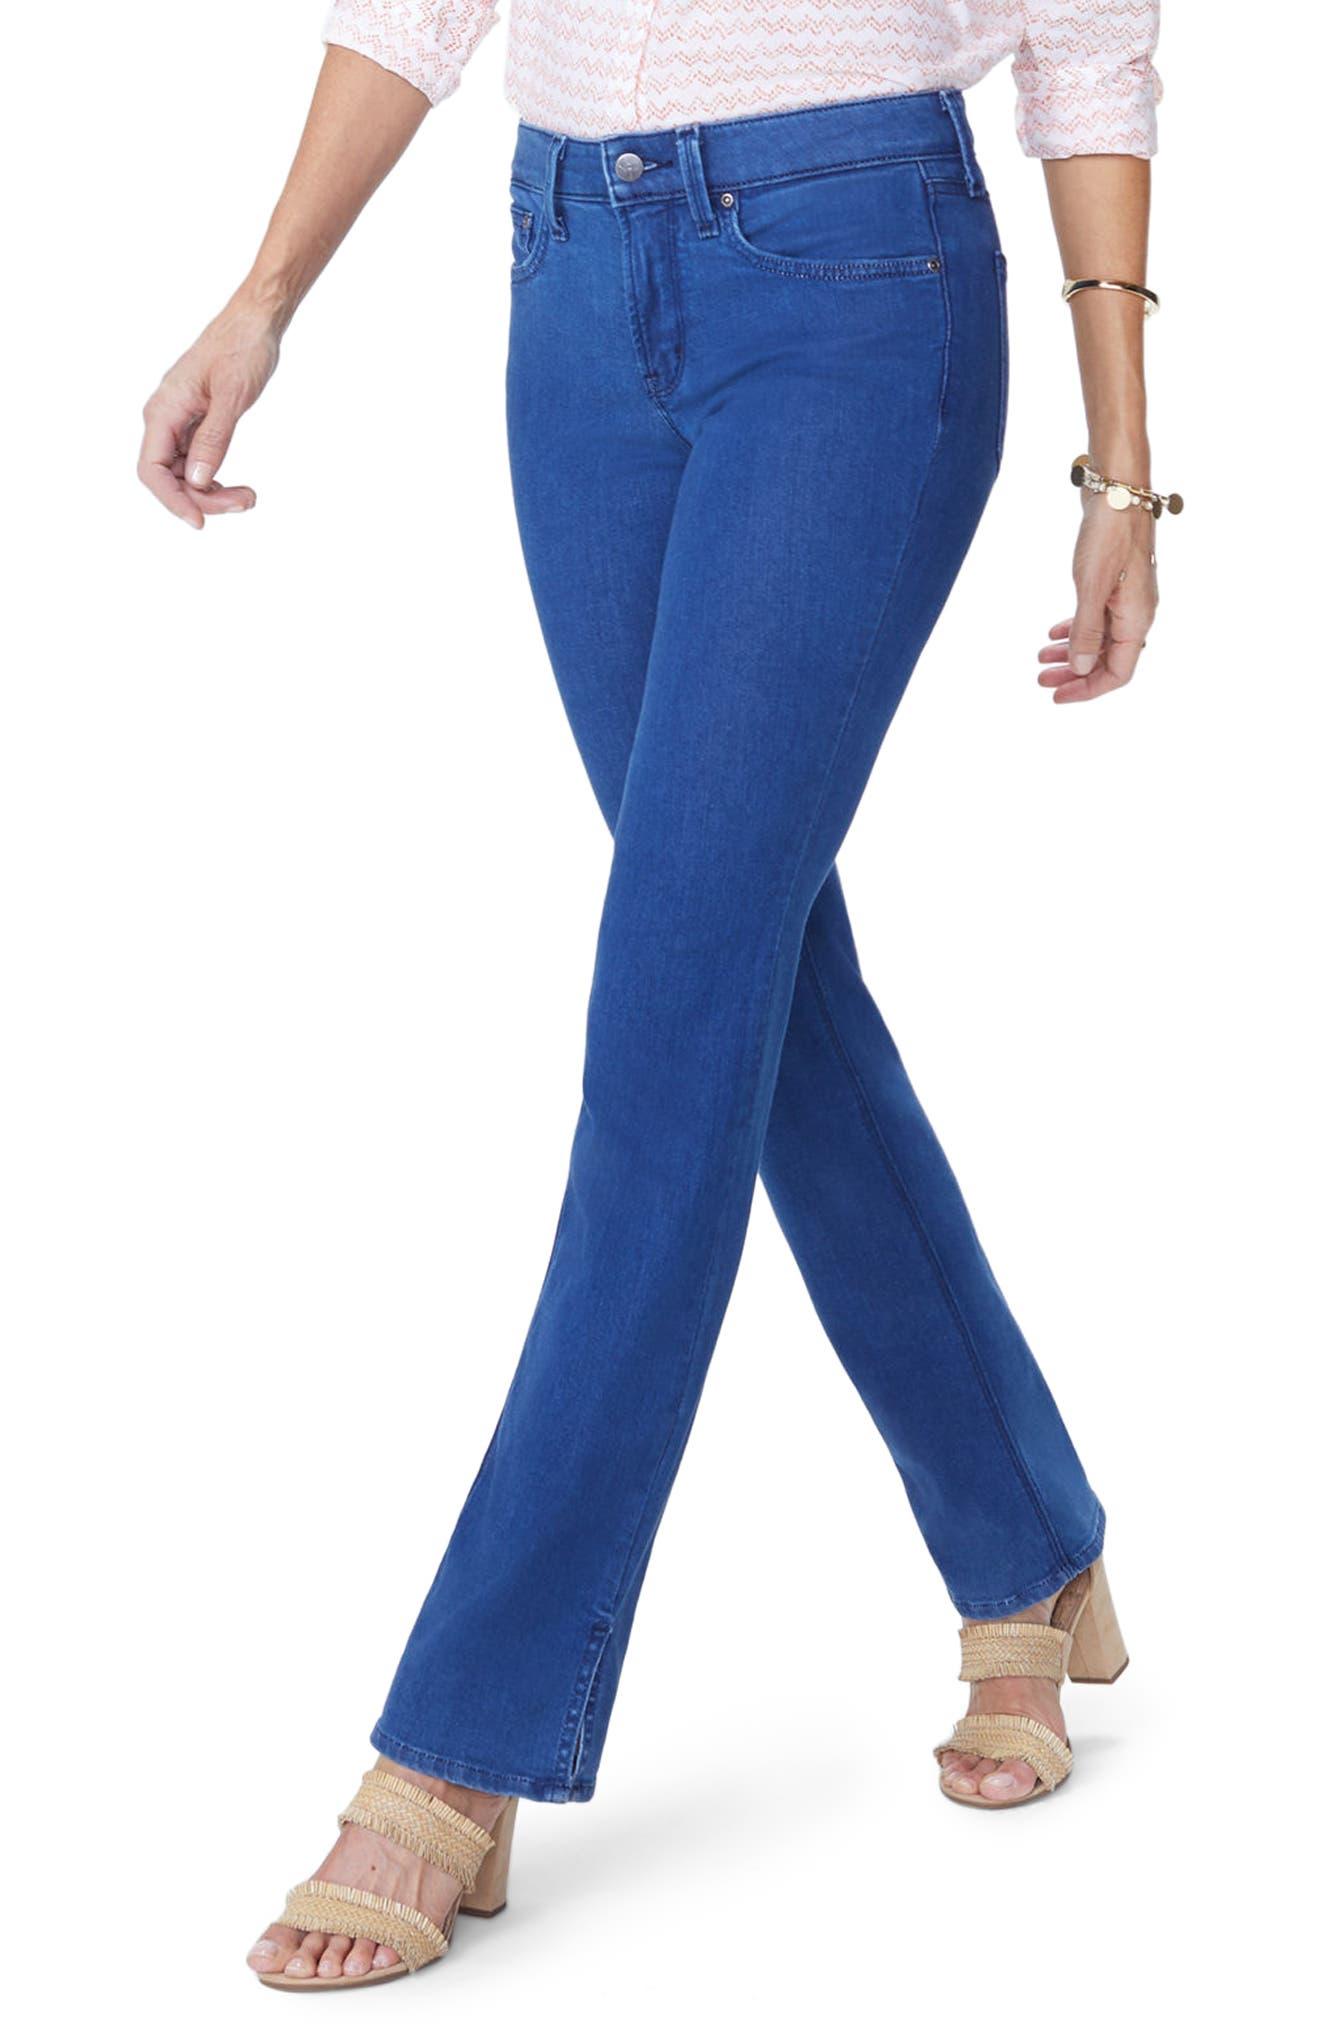 Billie Side Slit Mini Bootcut Jeans,                             Main thumbnail 1, color,                             427